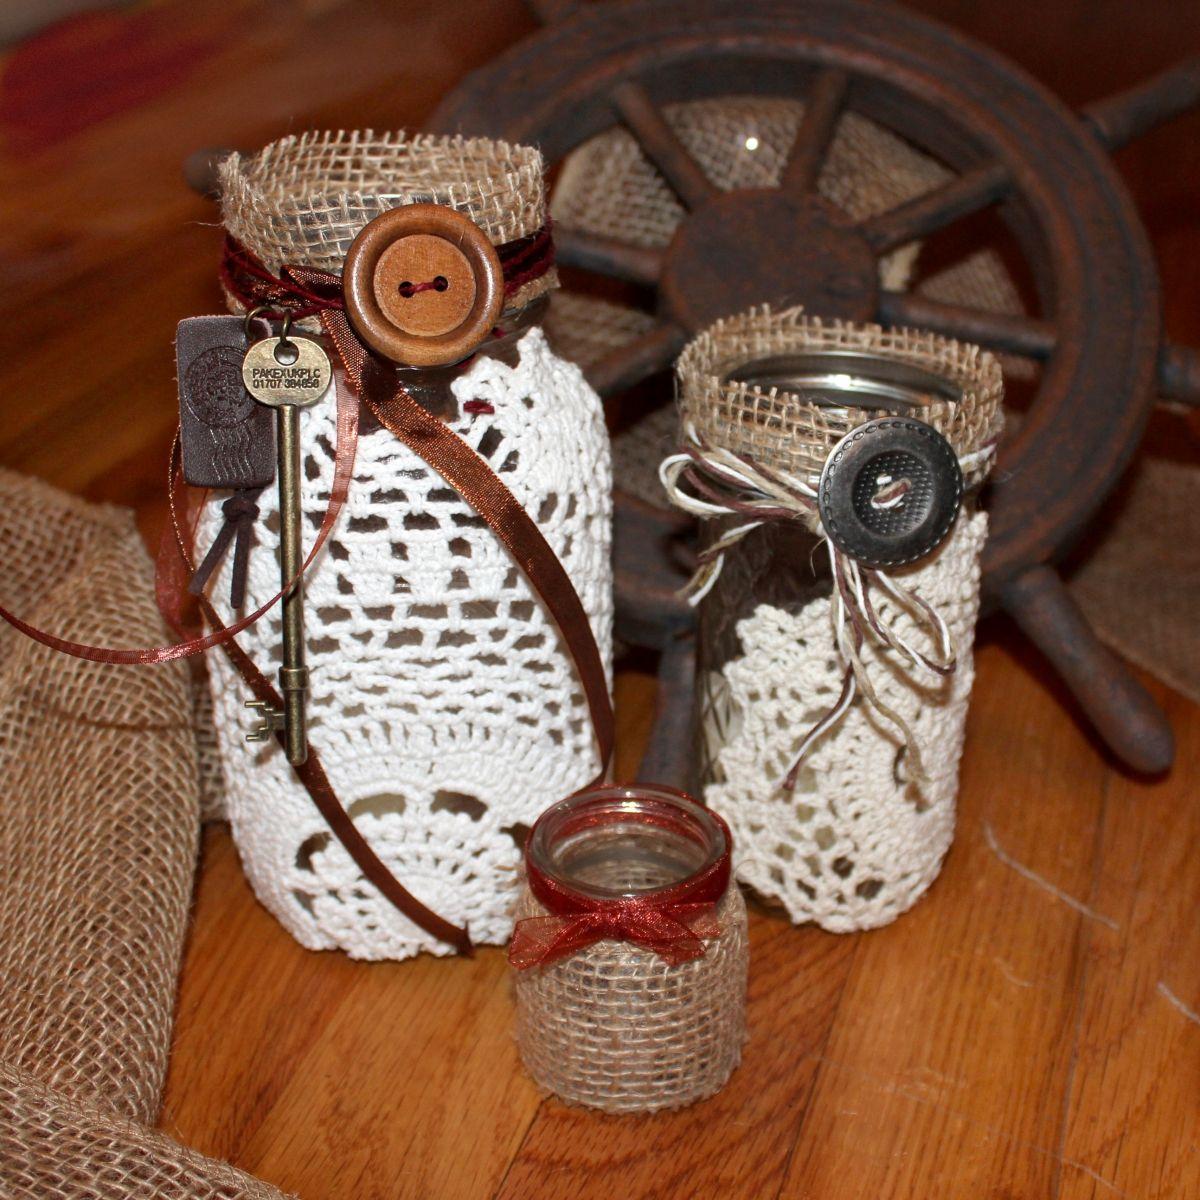 Vintagey steampunk diy mason jars